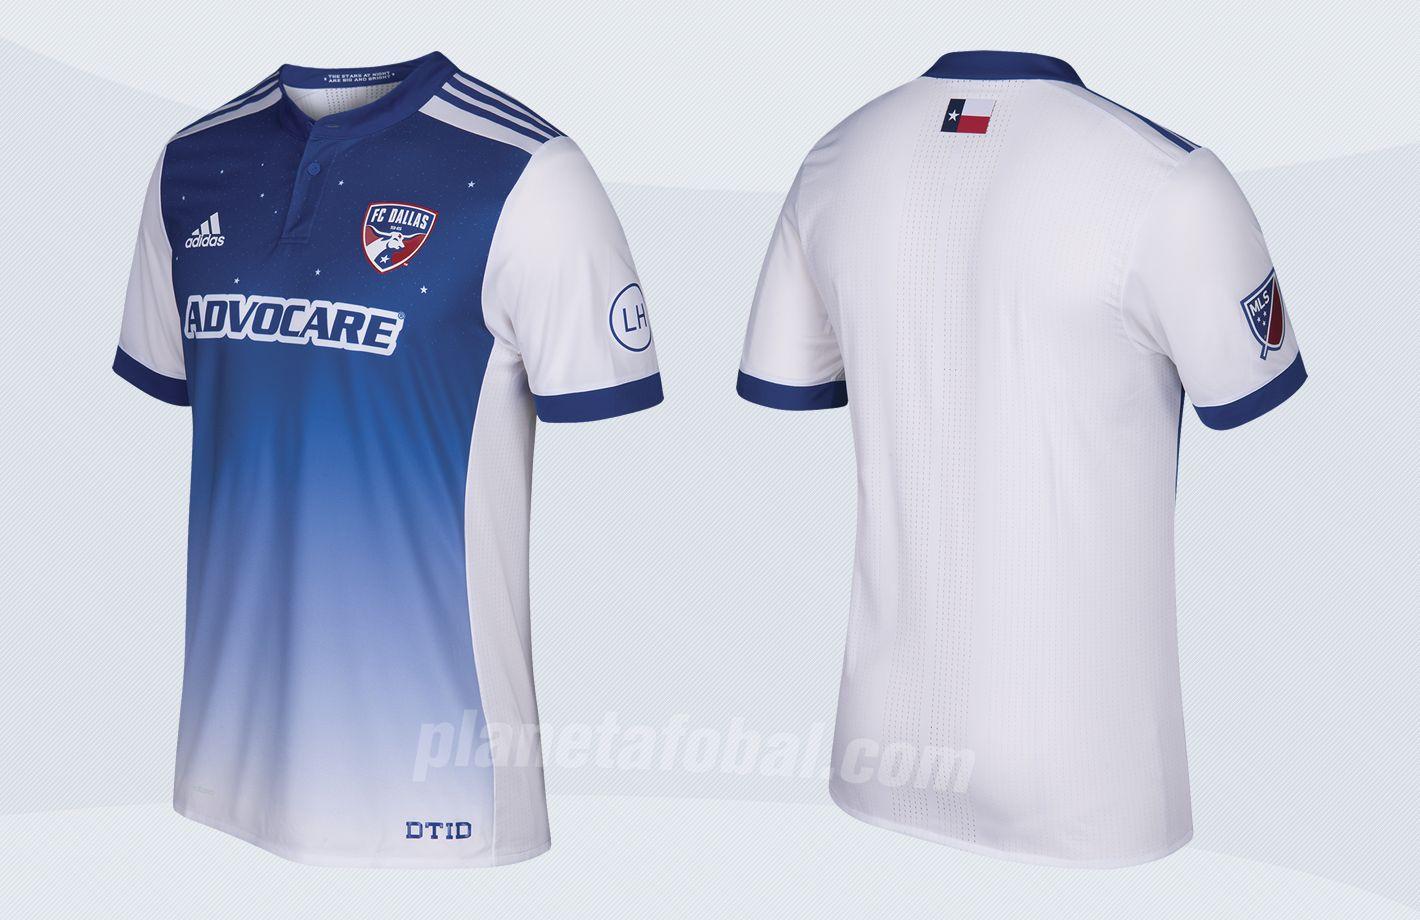 Camiseta suplente del FC Dallas para la MLS 2017 | Imágenes Tienda Oficial